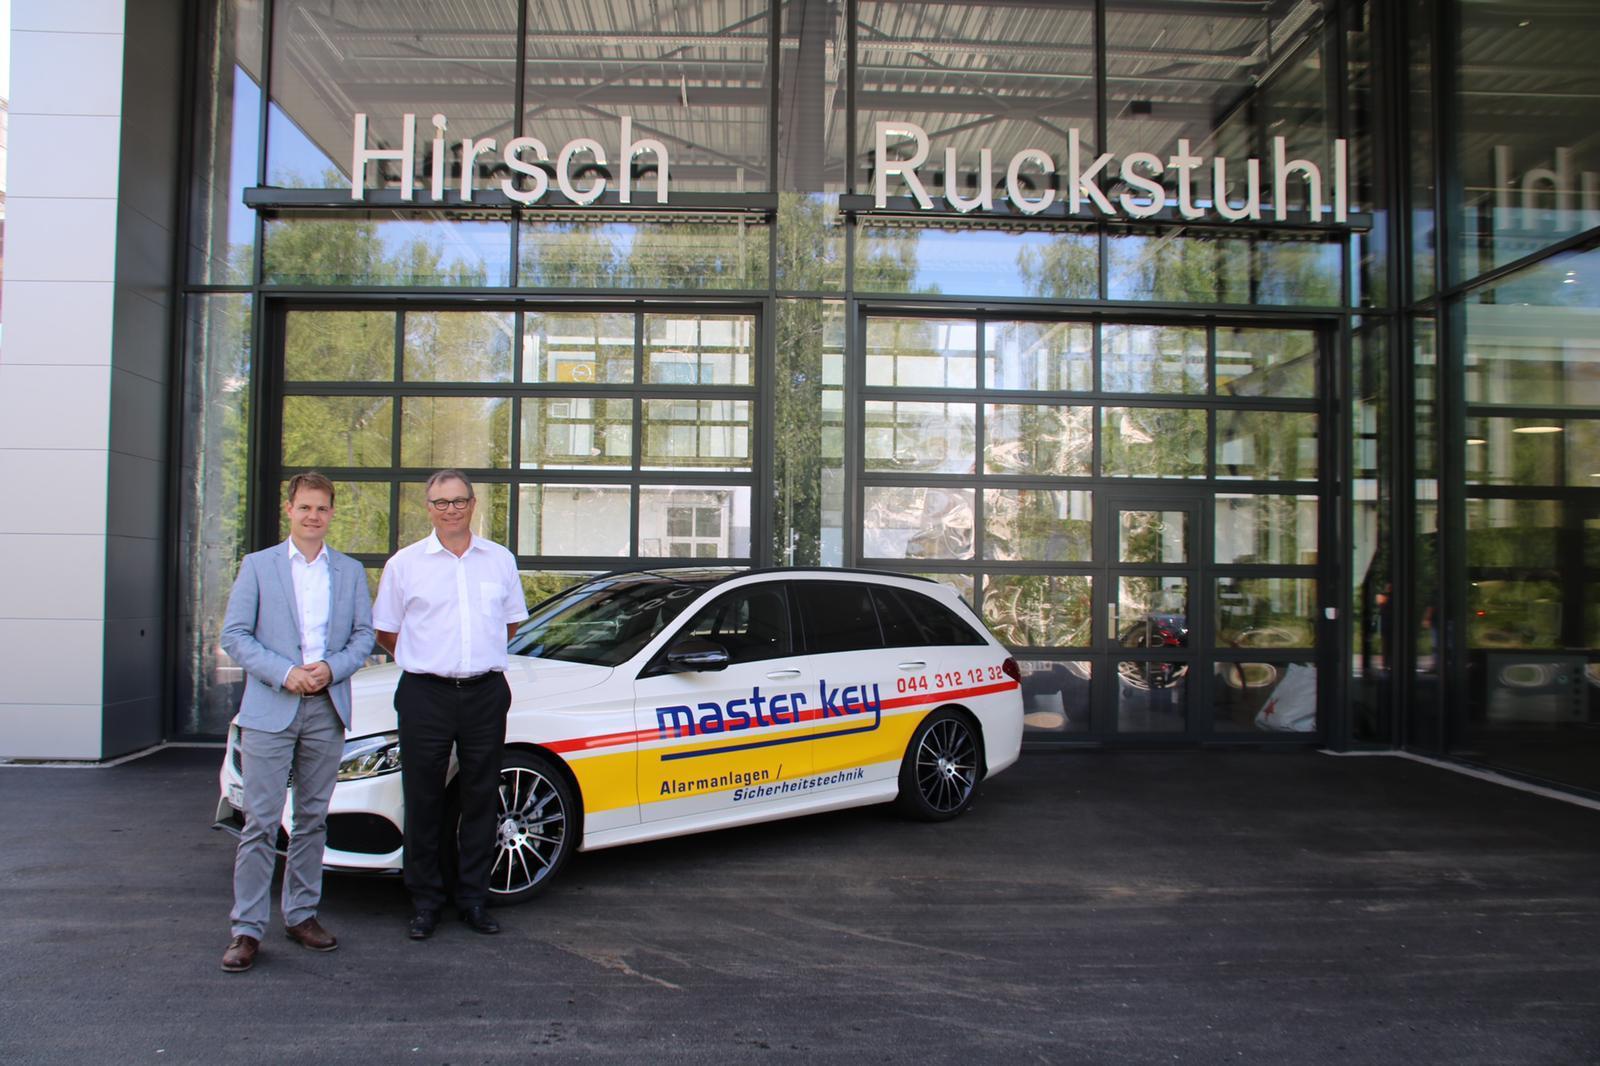 Referenzen zu unseren Elektronischen Schliesssystemen Mercedes Benz Hirsch Ruckstuhl Knoten